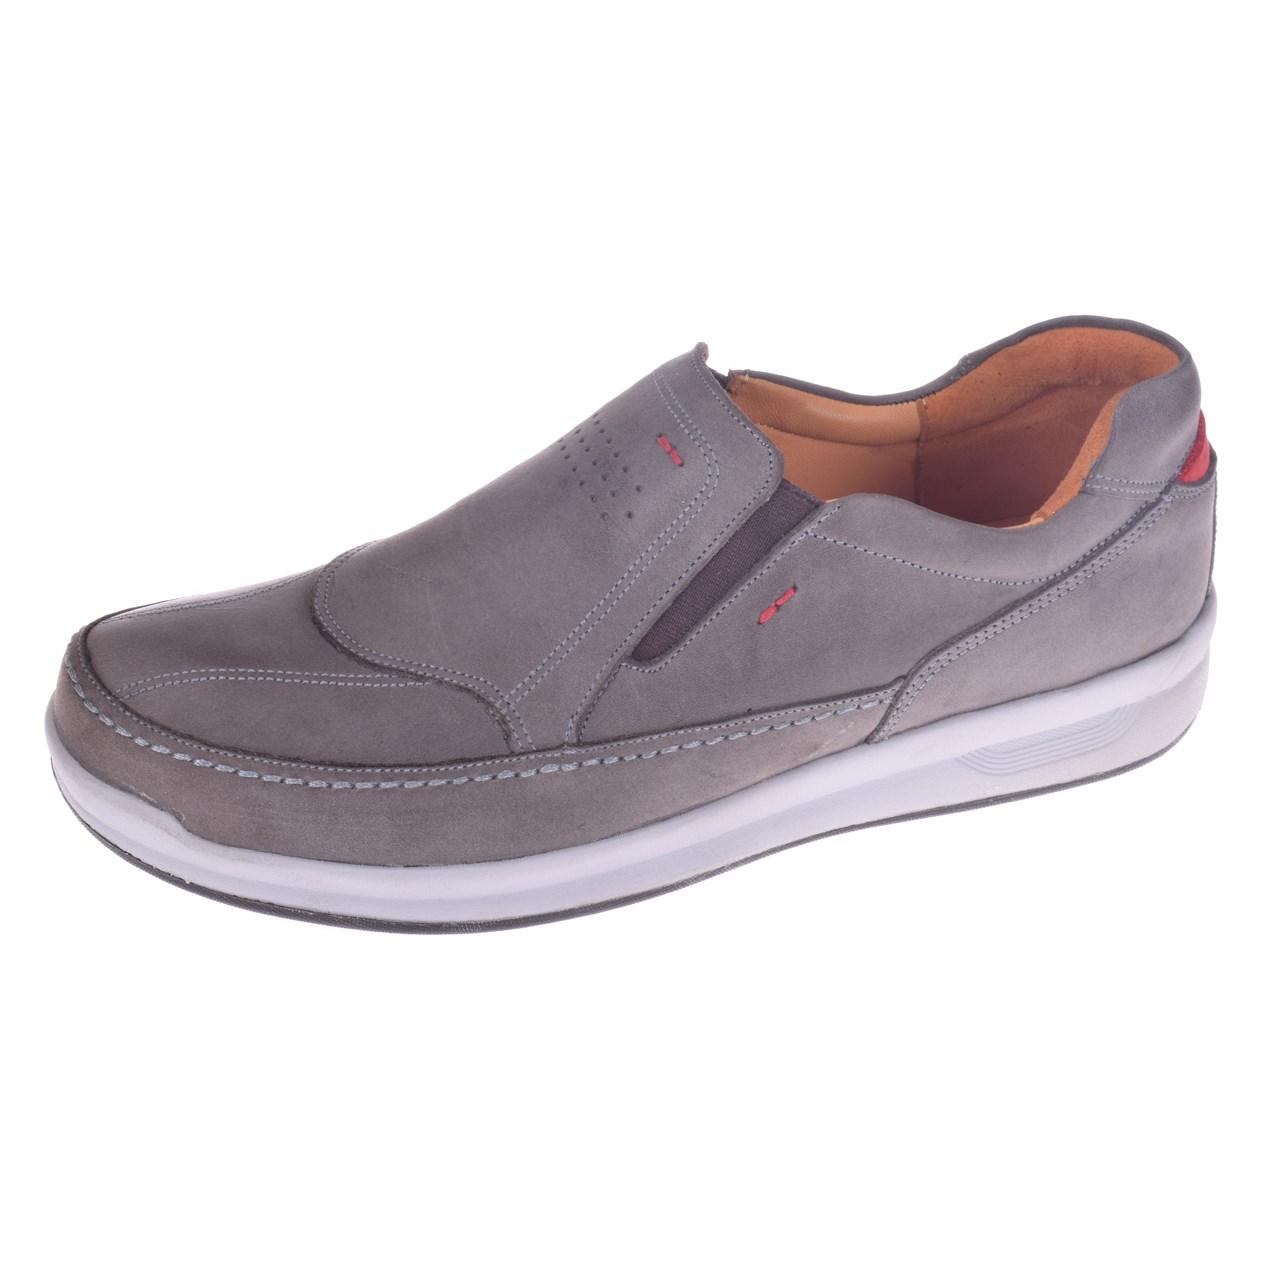 کفش مردانه آر پی ام مدل Grand Rado 01Gray